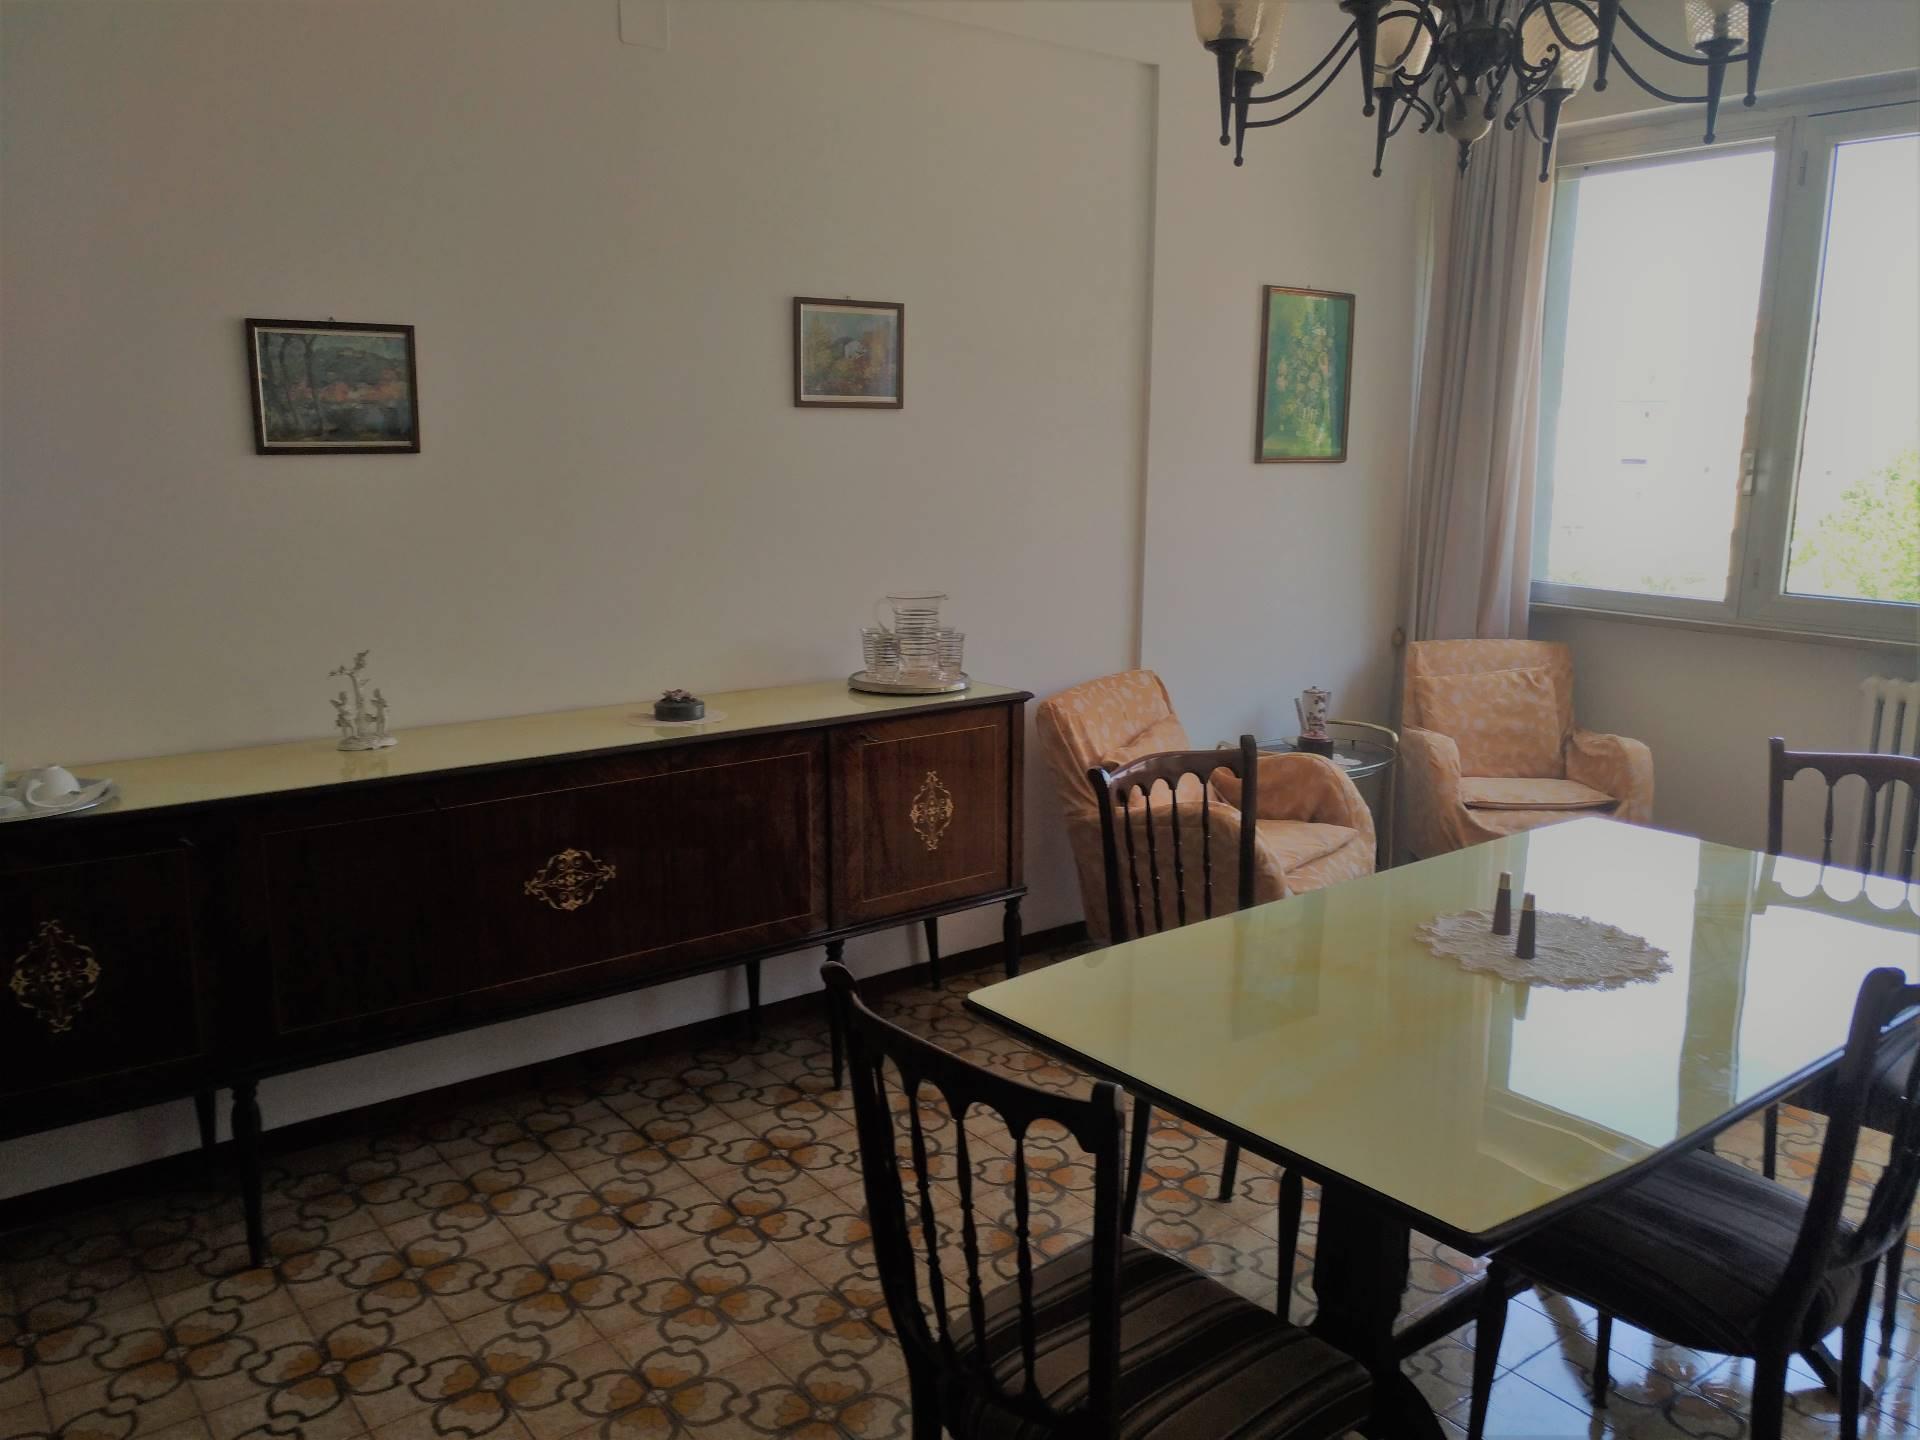 Appartamento in affitto a Ancona, 5 locali, zona Zona: Semicentro, prezzo € 500 | CambioCasa.it